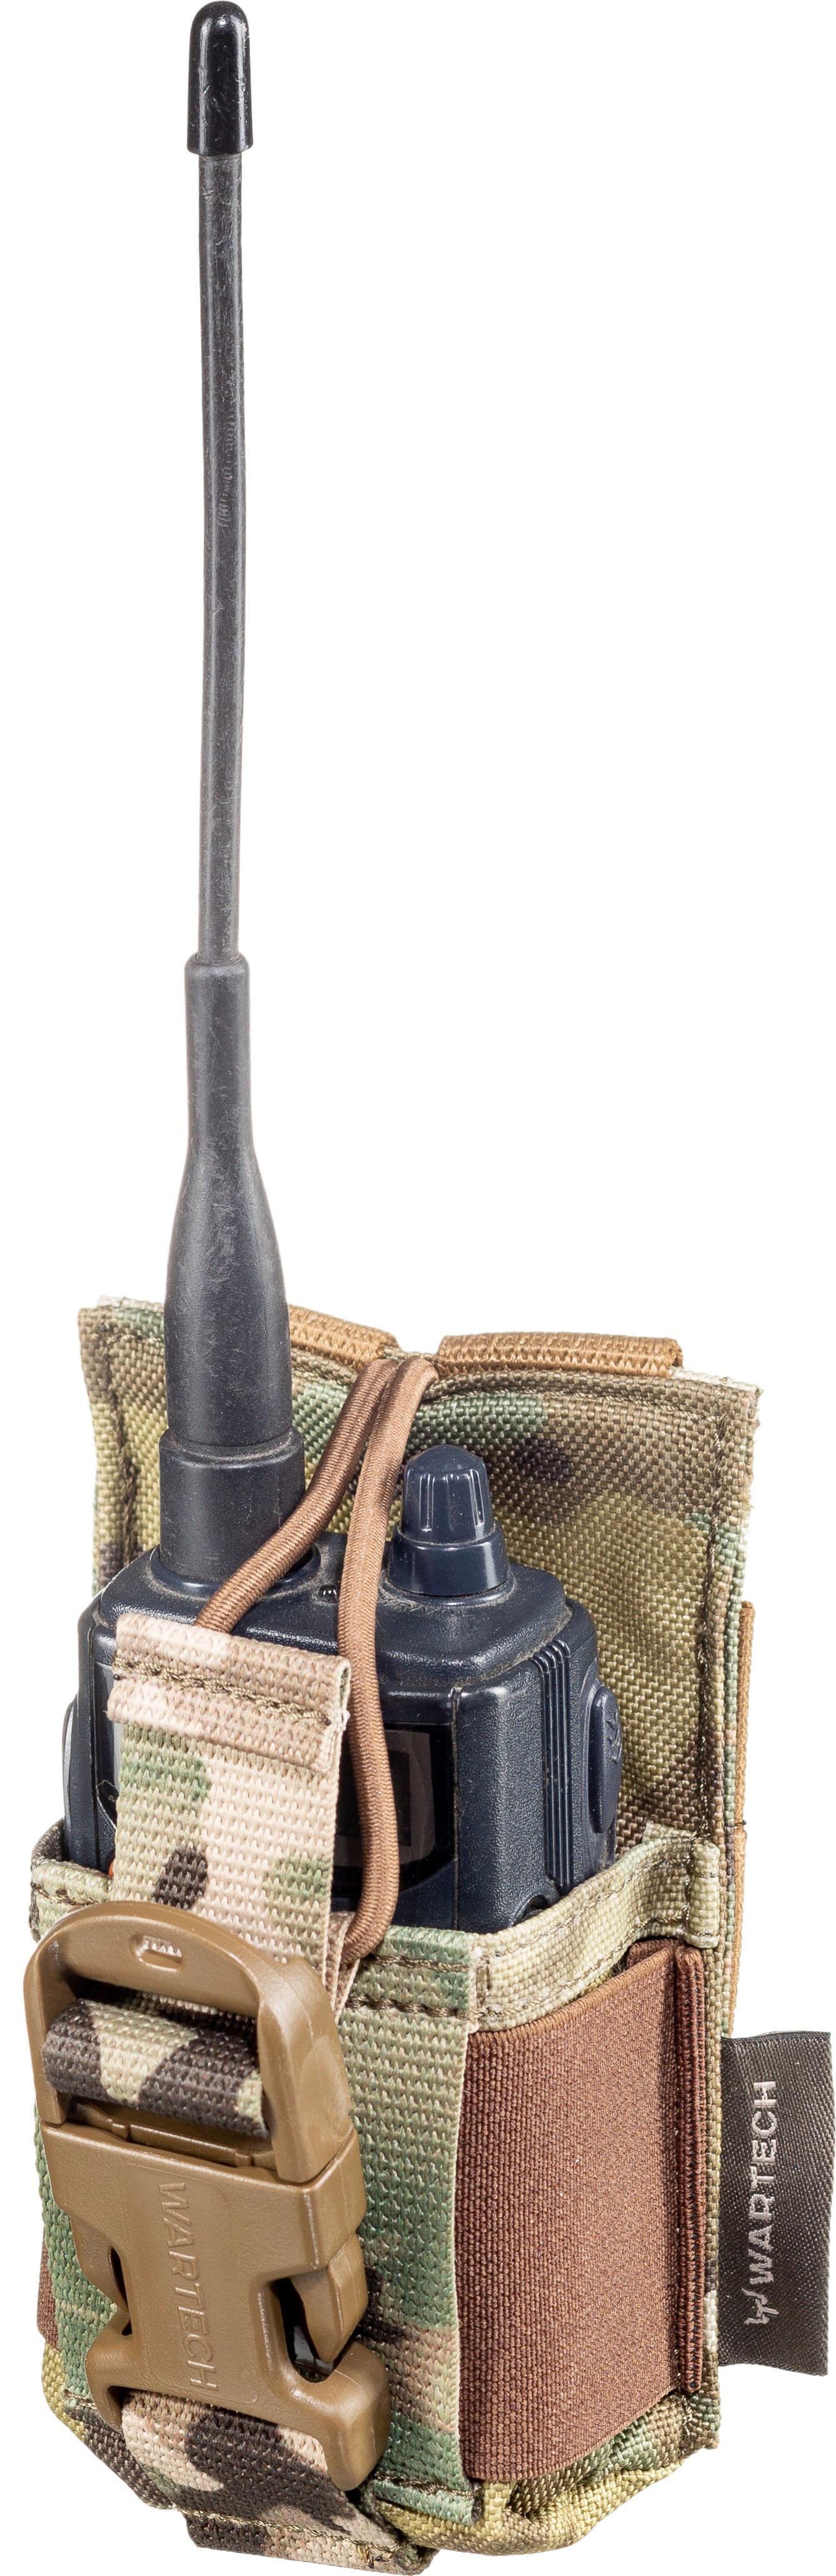 Подсумок Wartech под радиостанцию открытый, multicam